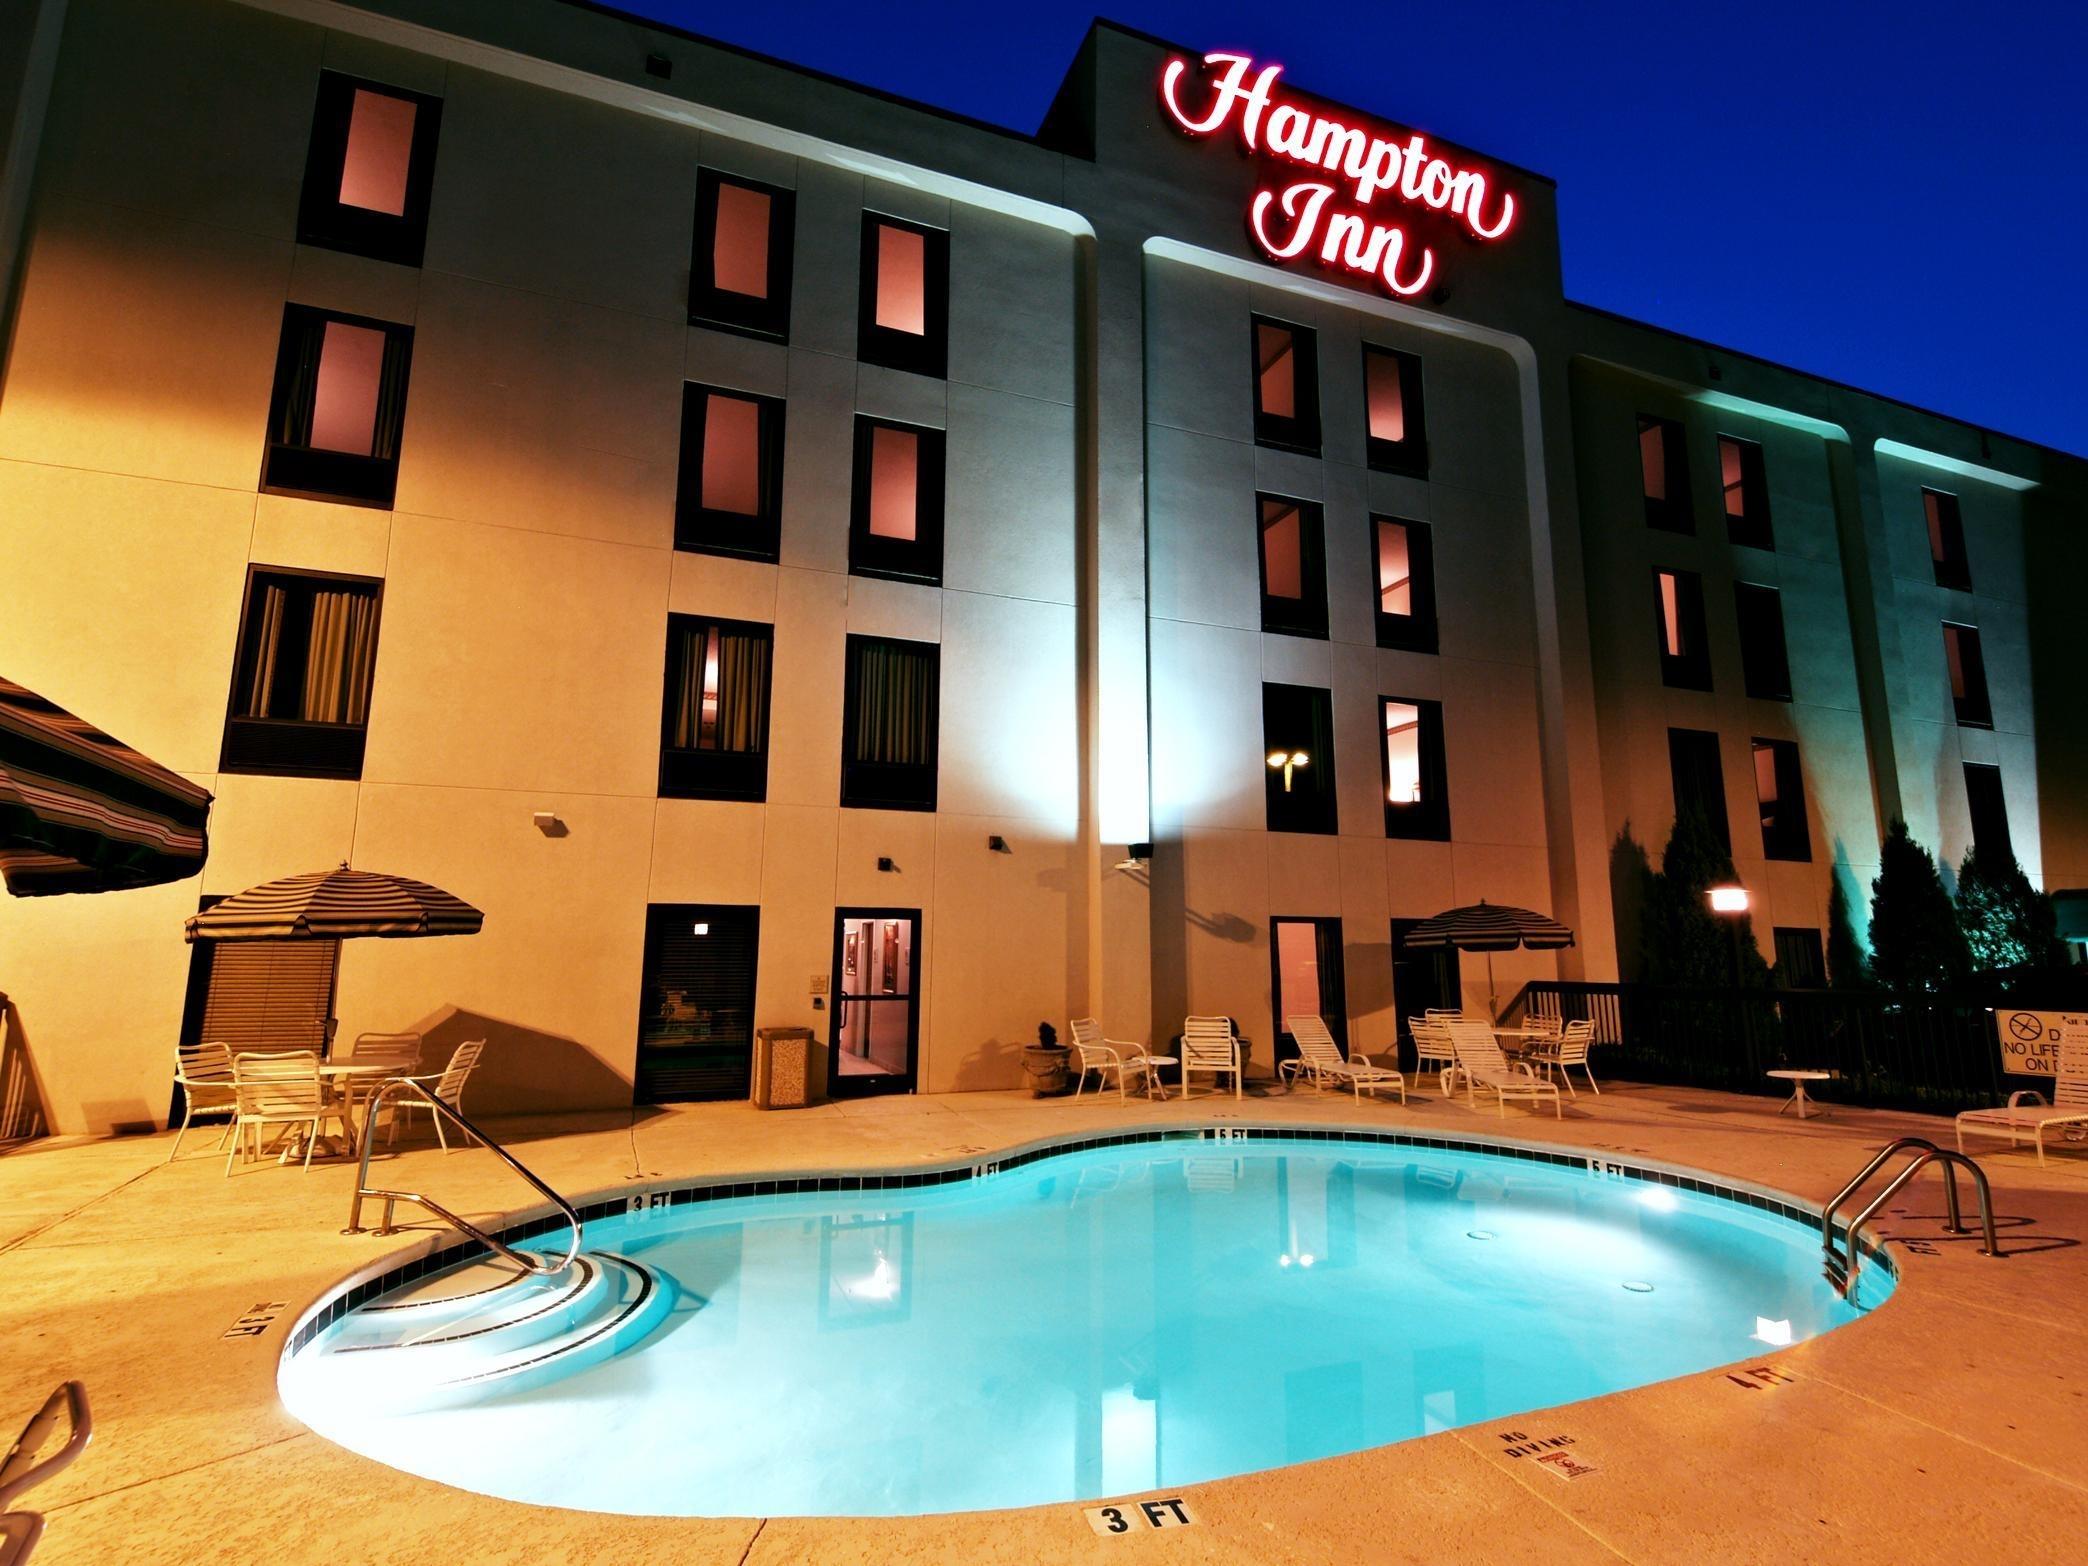 Hampton Inn Morganton image 2